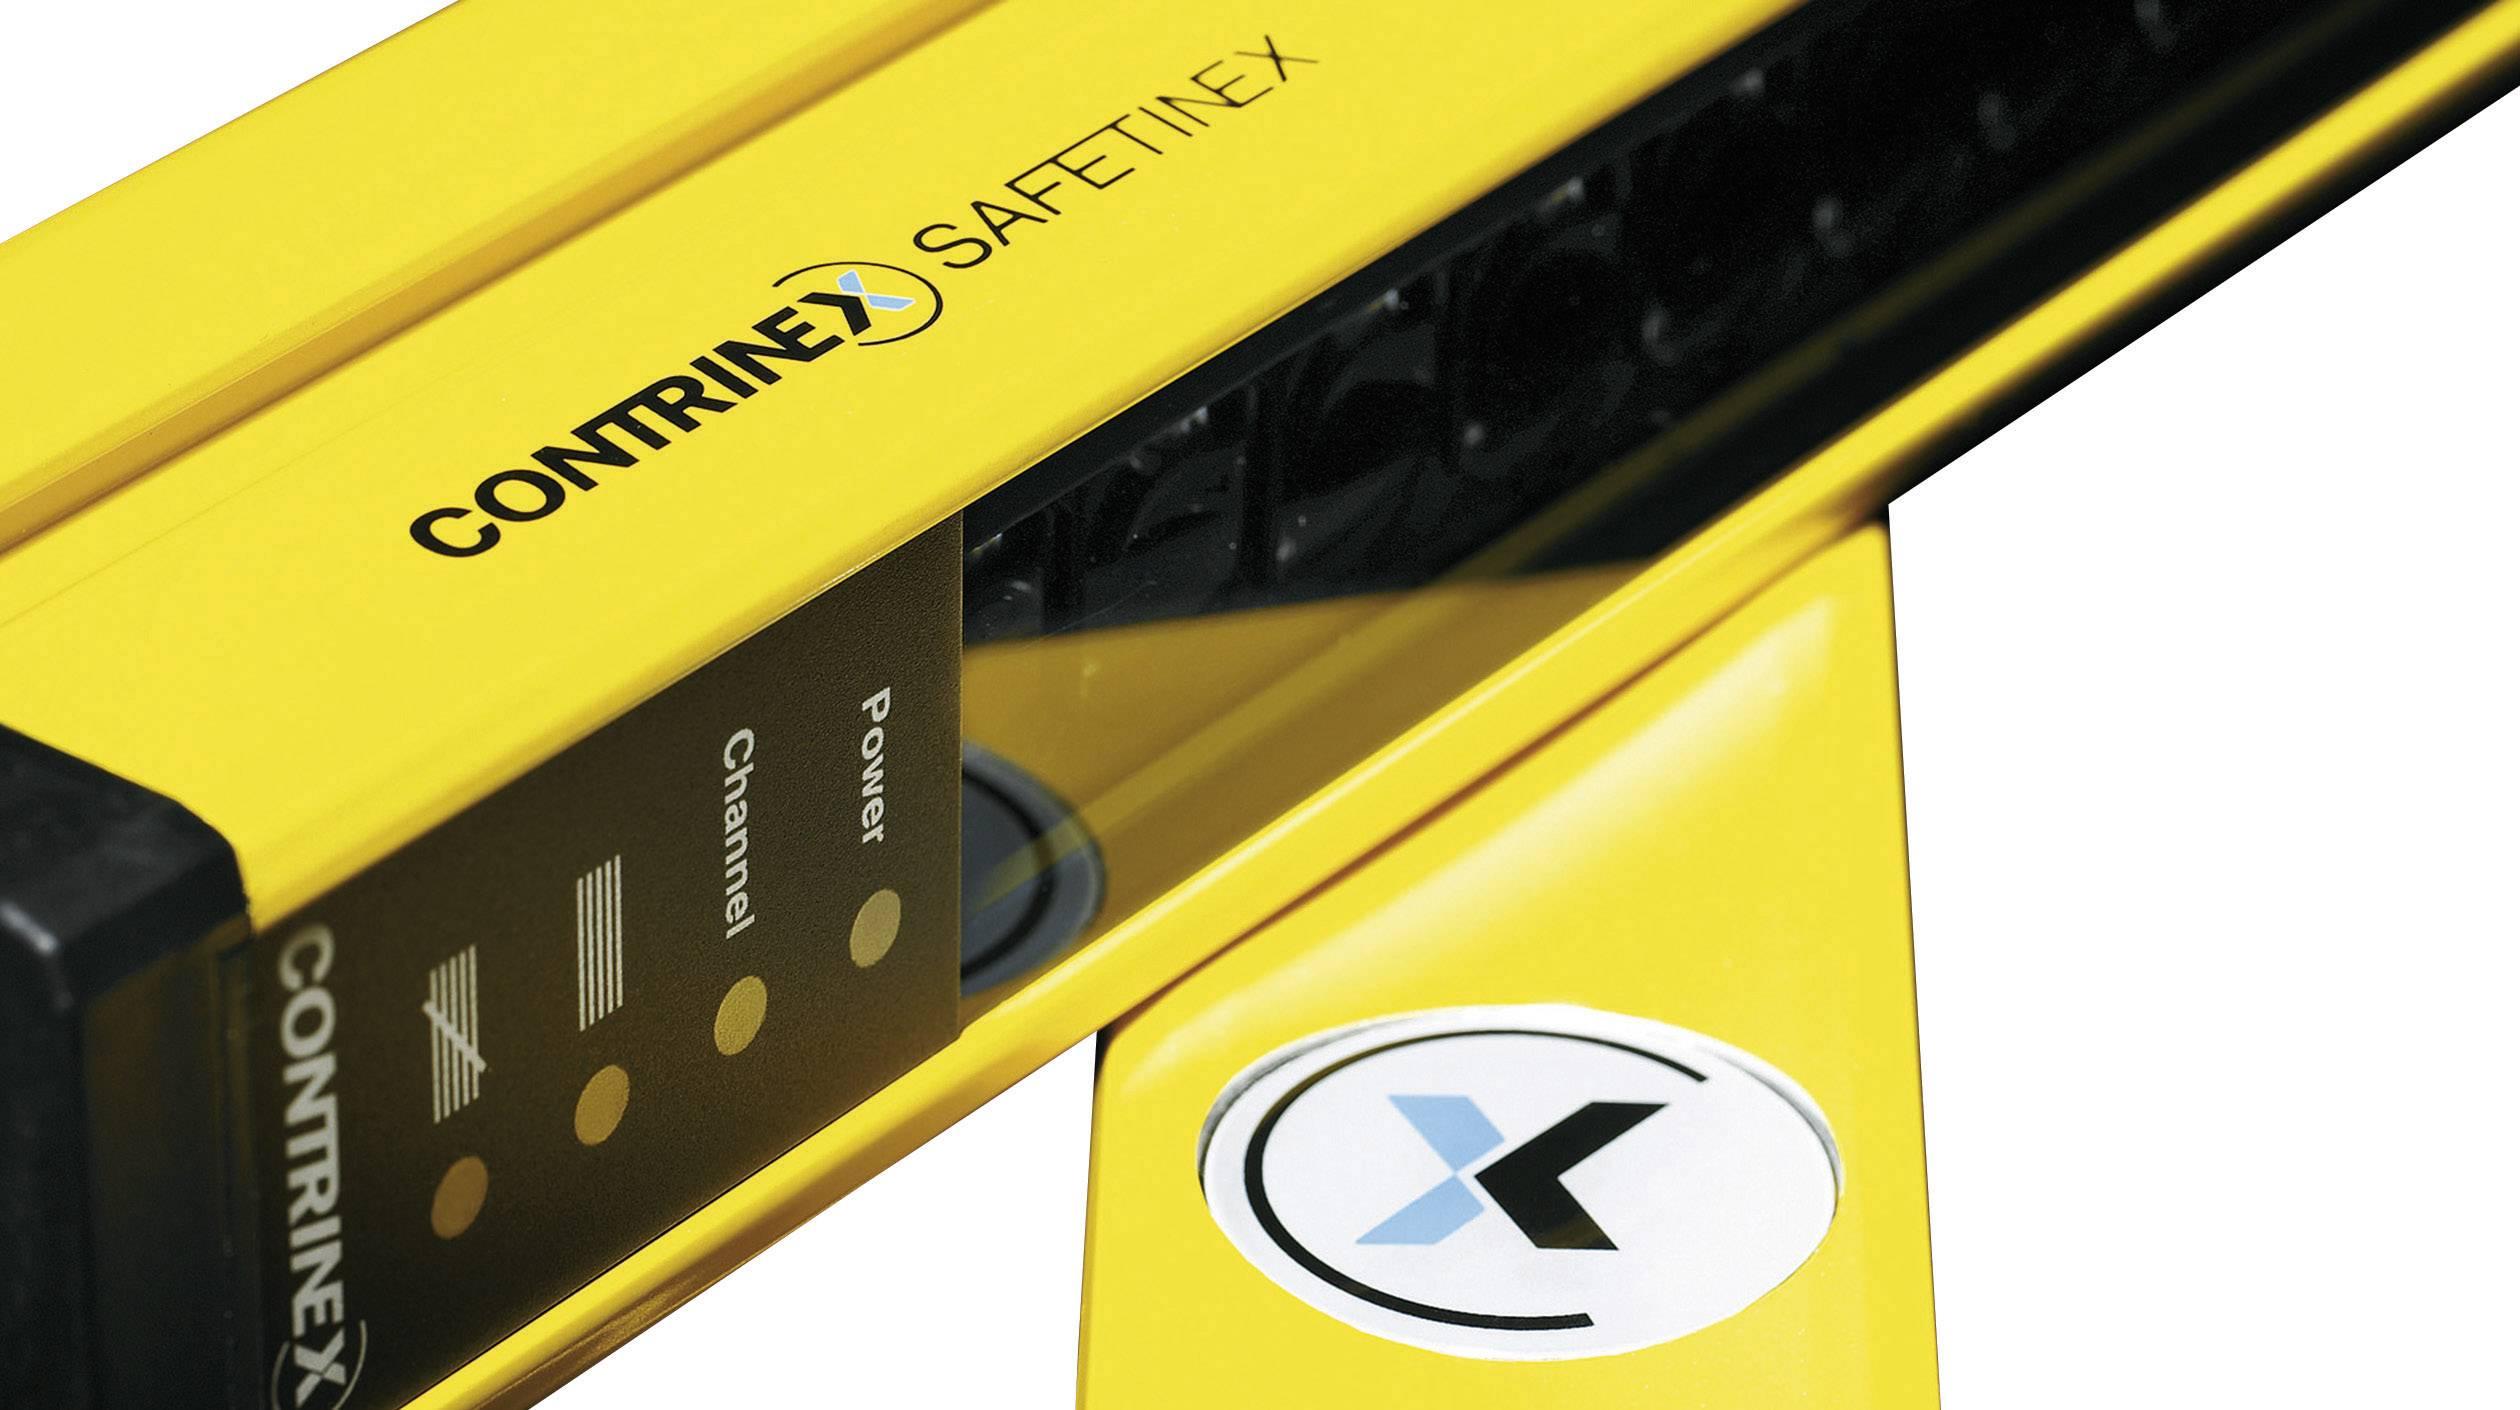 Bezpečnostní světelná závora pro ochranu rukou Contrinex YBB-30R4-0250-G012 630 000 682